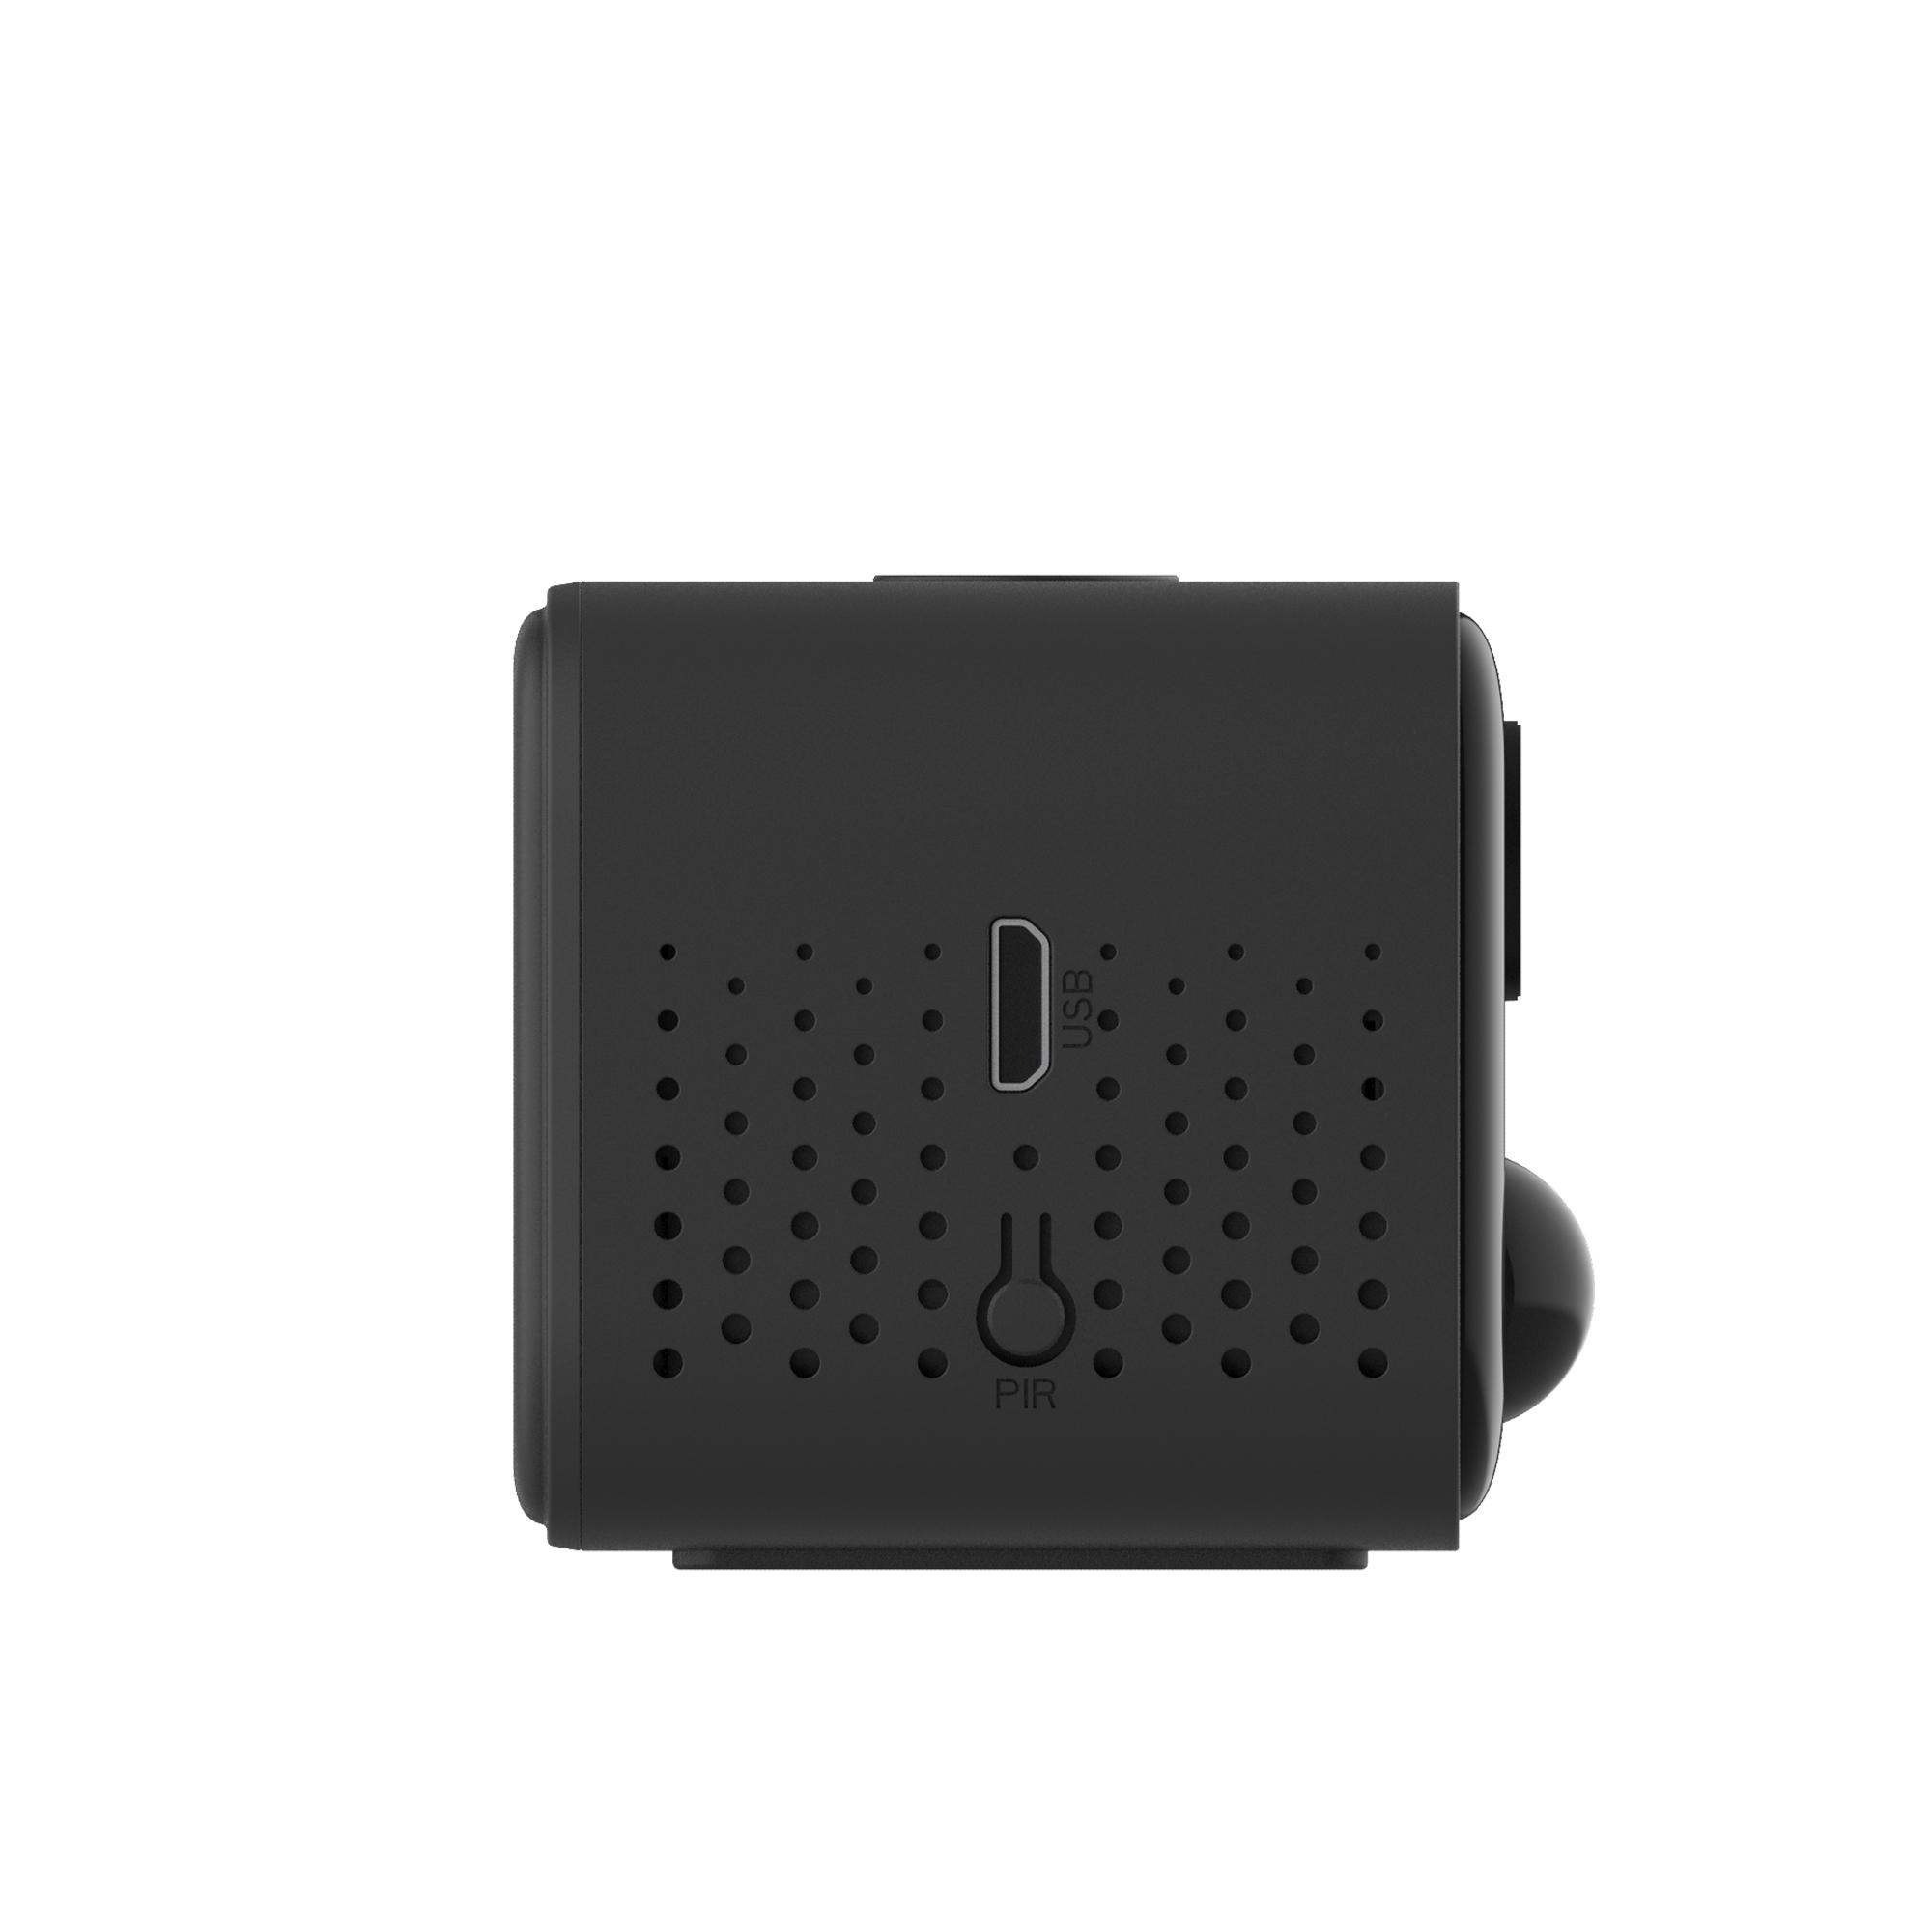 Camera mini wifi IP Hukey Vision A21 siêu nét Full HD 1080P - Tích hợp Cảm biến nhiệt PIR và Cảm biến hồng ngoại ngày và đêm - Chính hãng